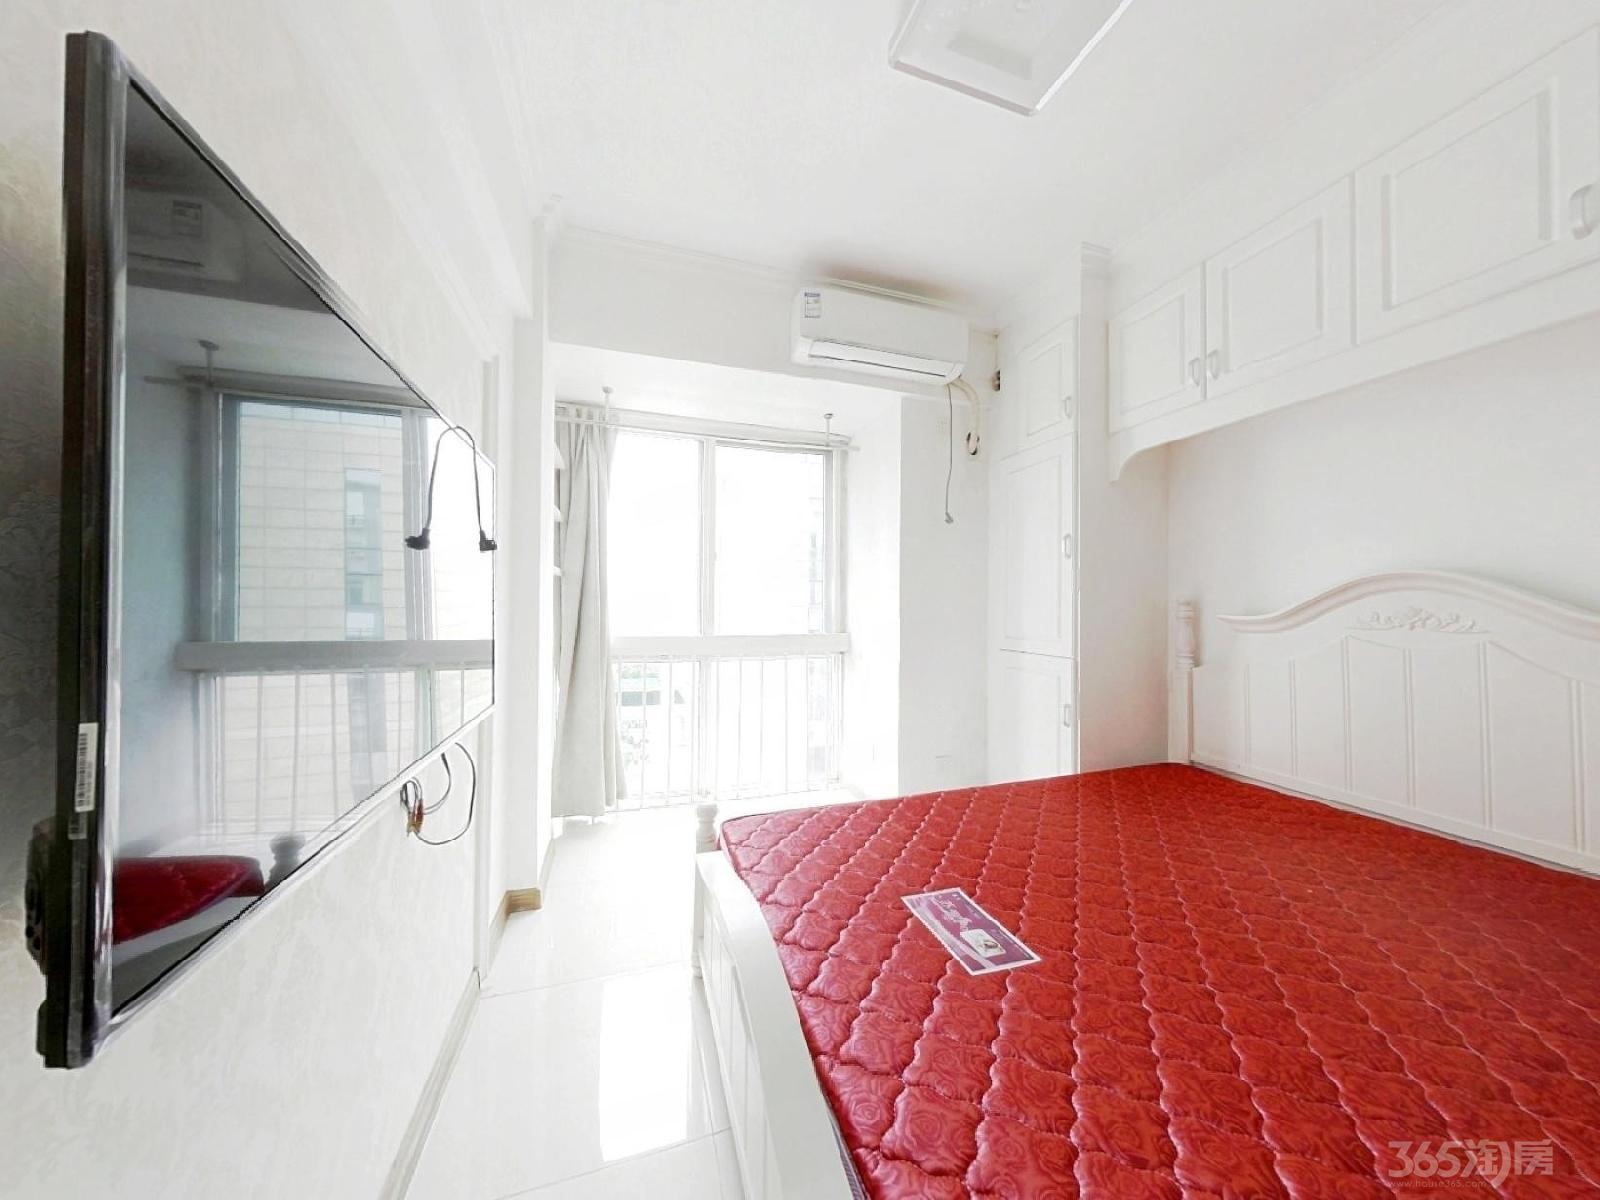 同曦公寓1室1厅1卫38平方米112万元